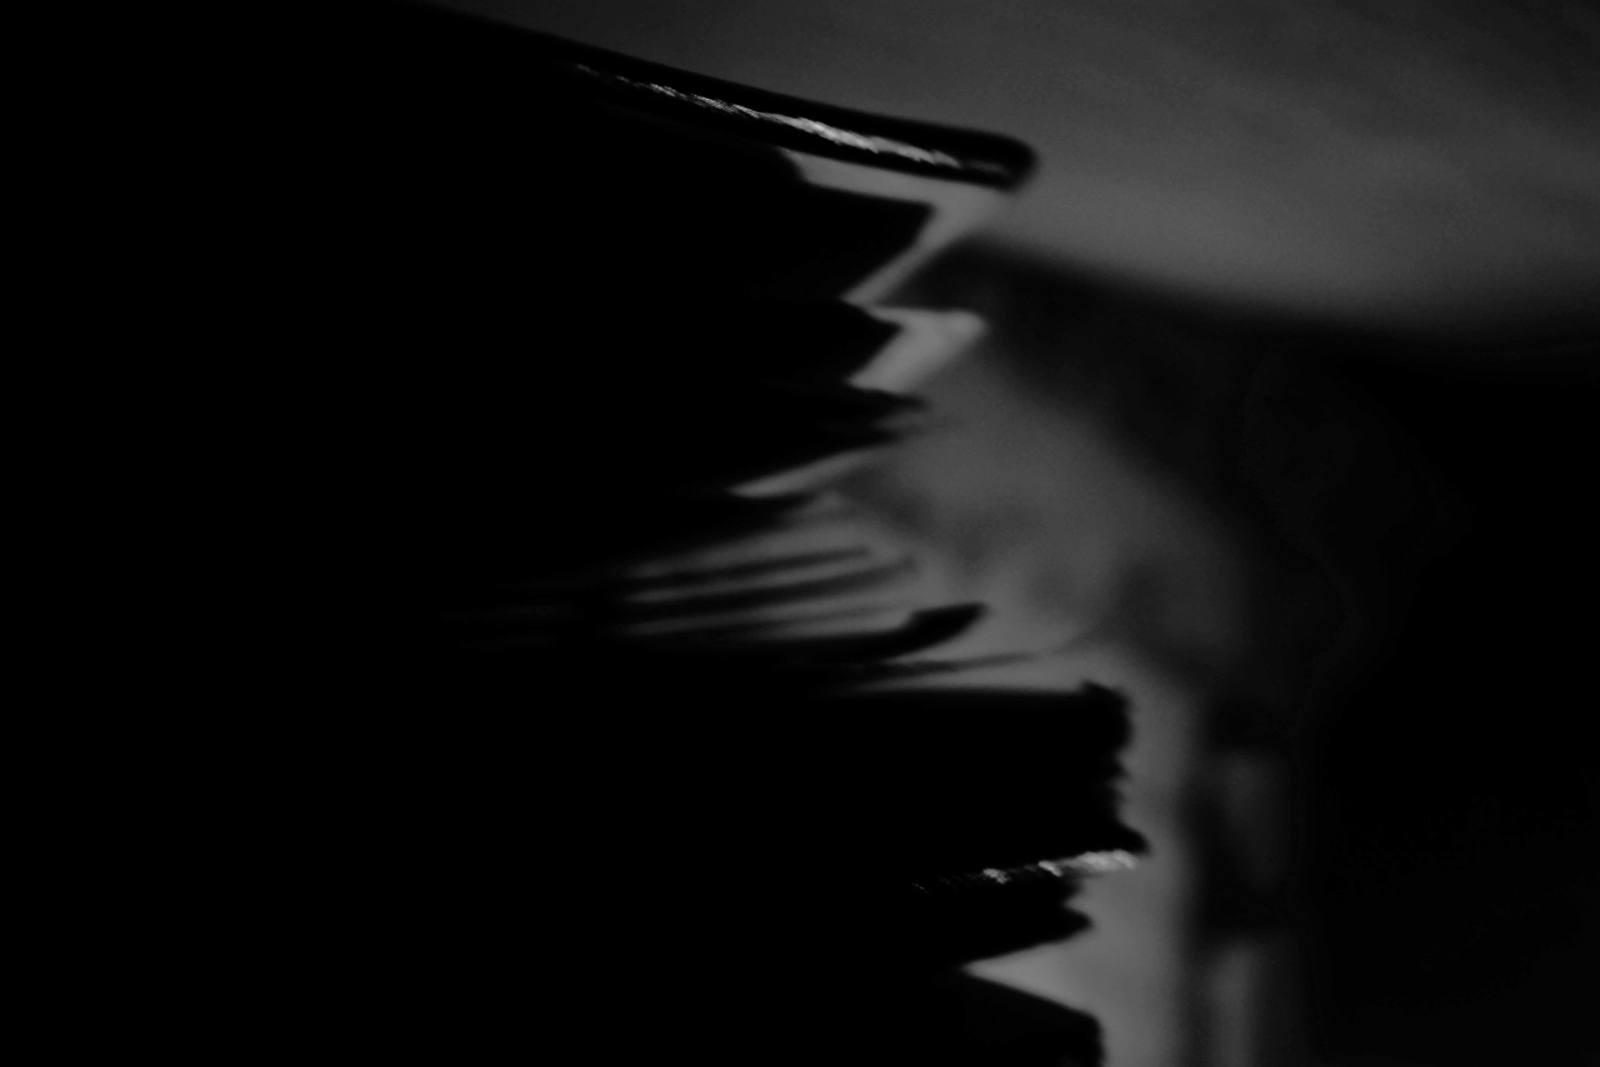 © Marie-Liesse Tardiveau : Une nuit absolument noire